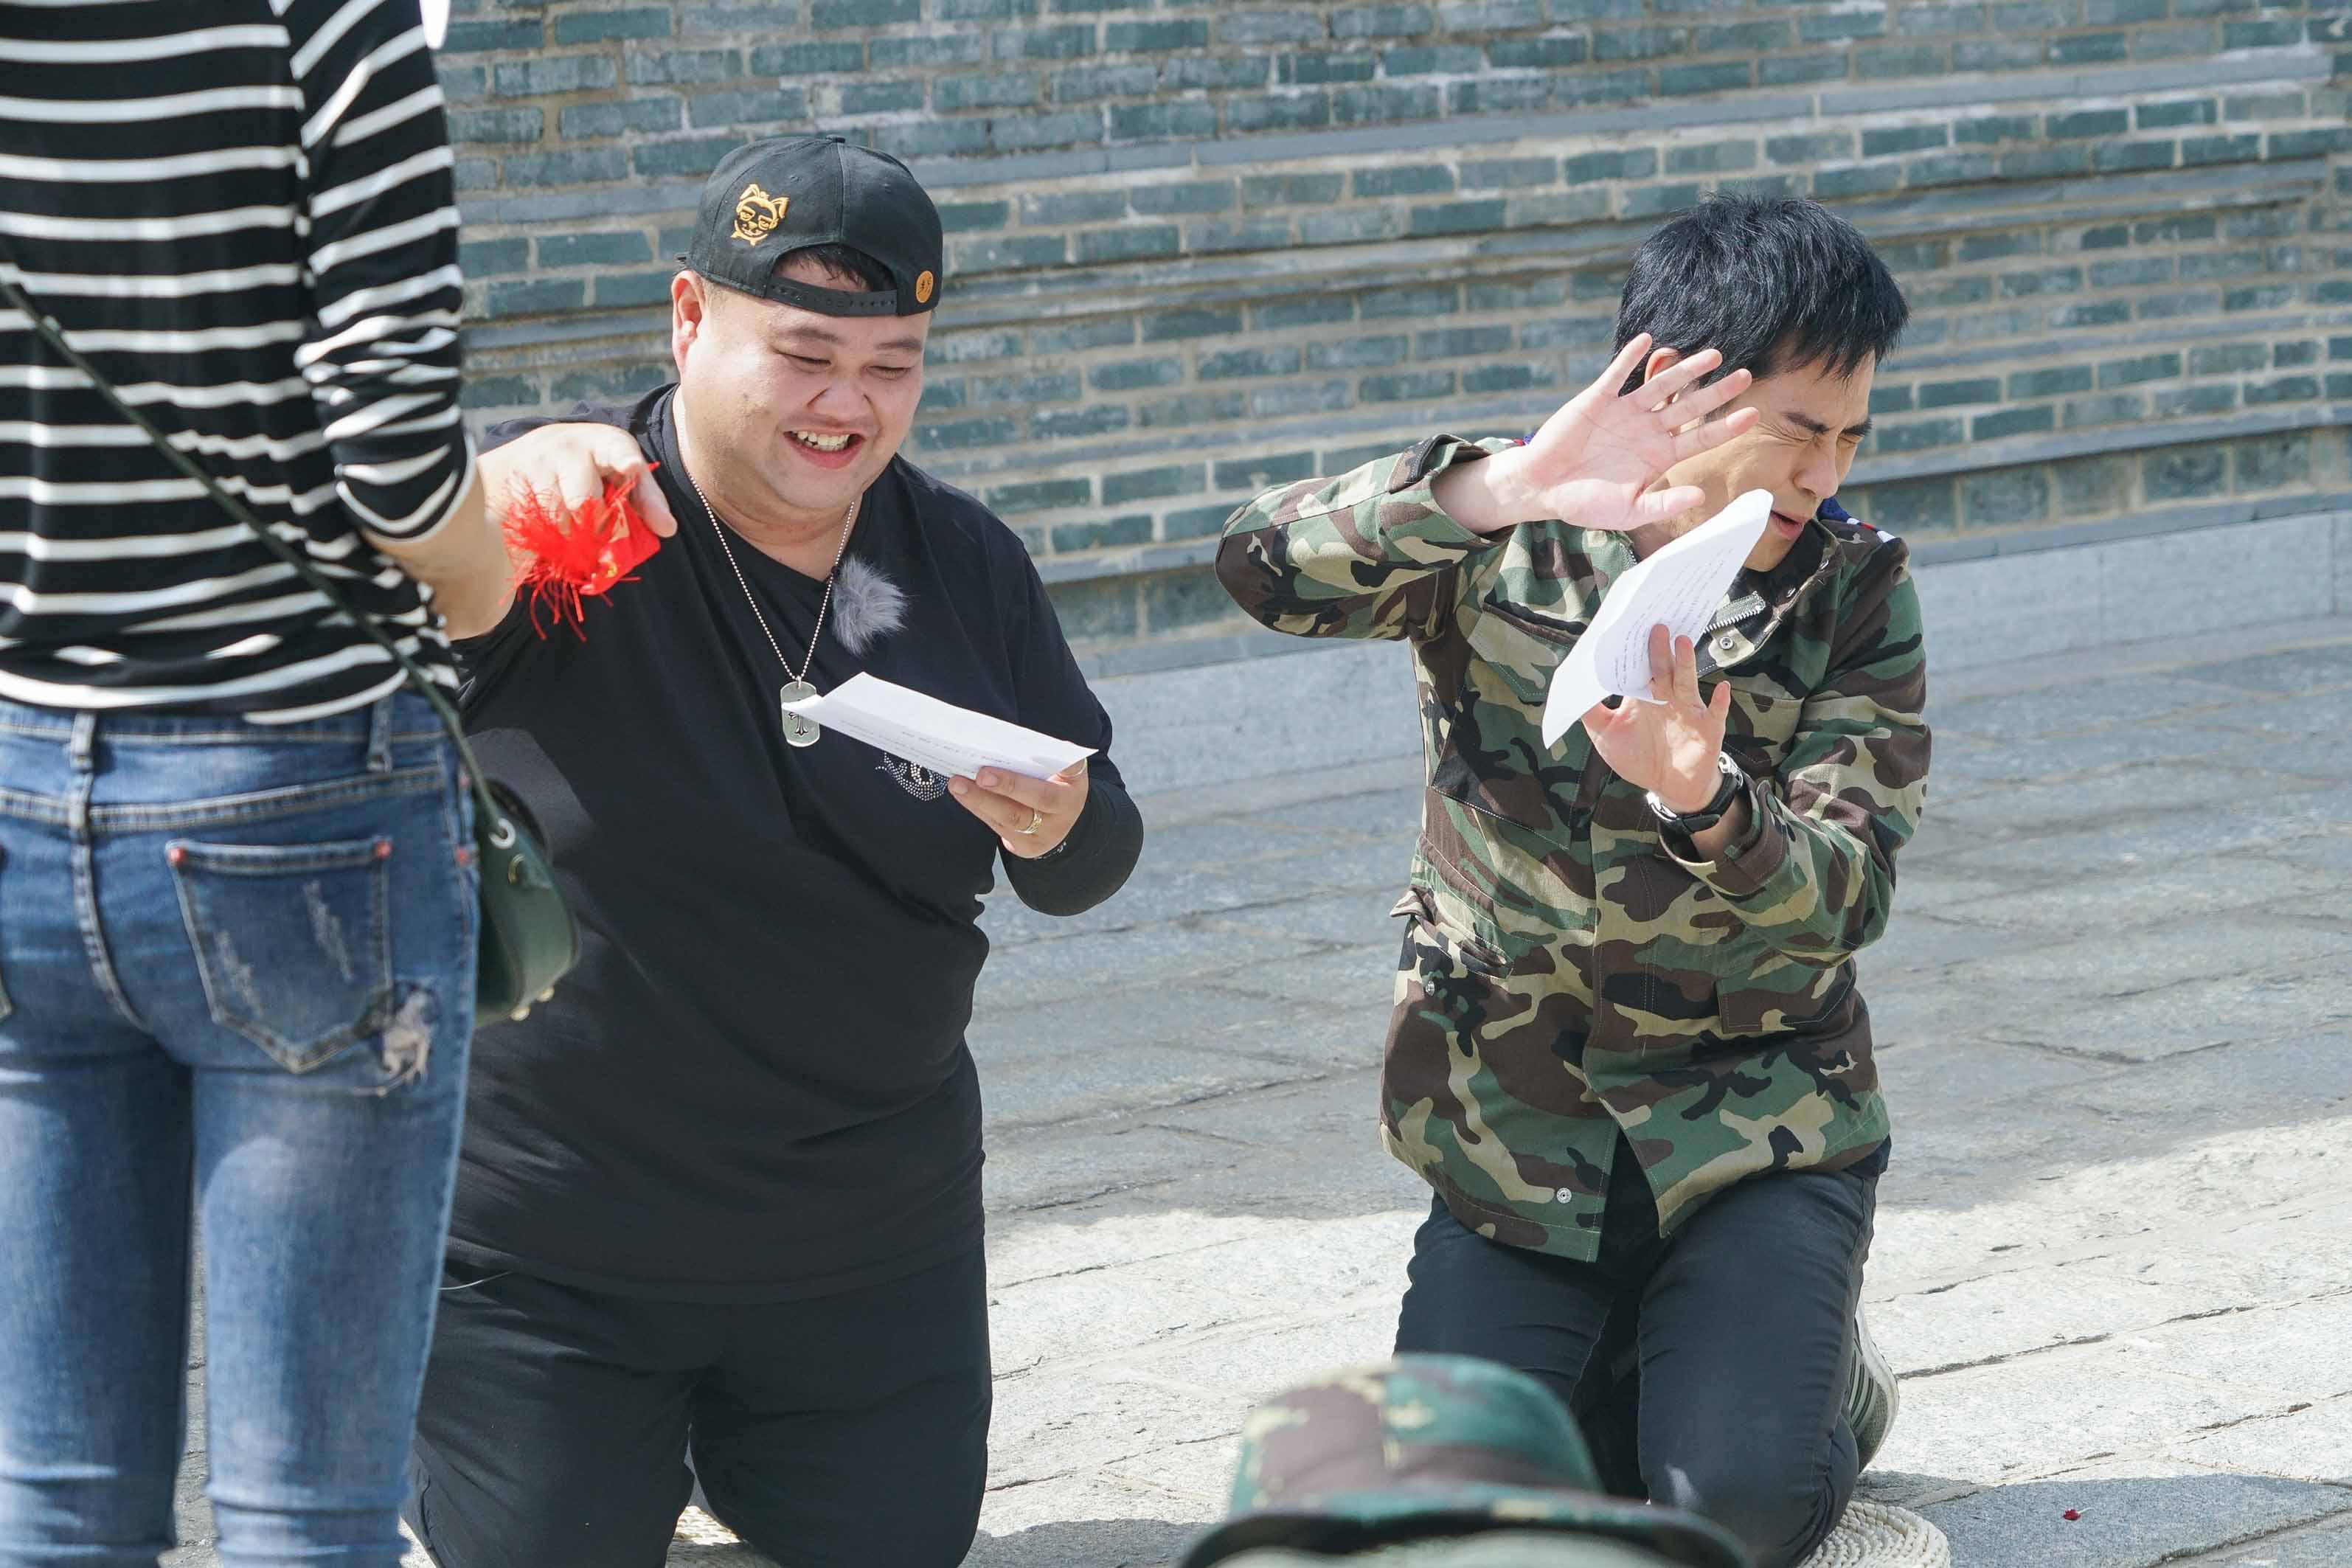 温兆伦当导演遭罢工 郑嘉颖质问:是专业的吗?